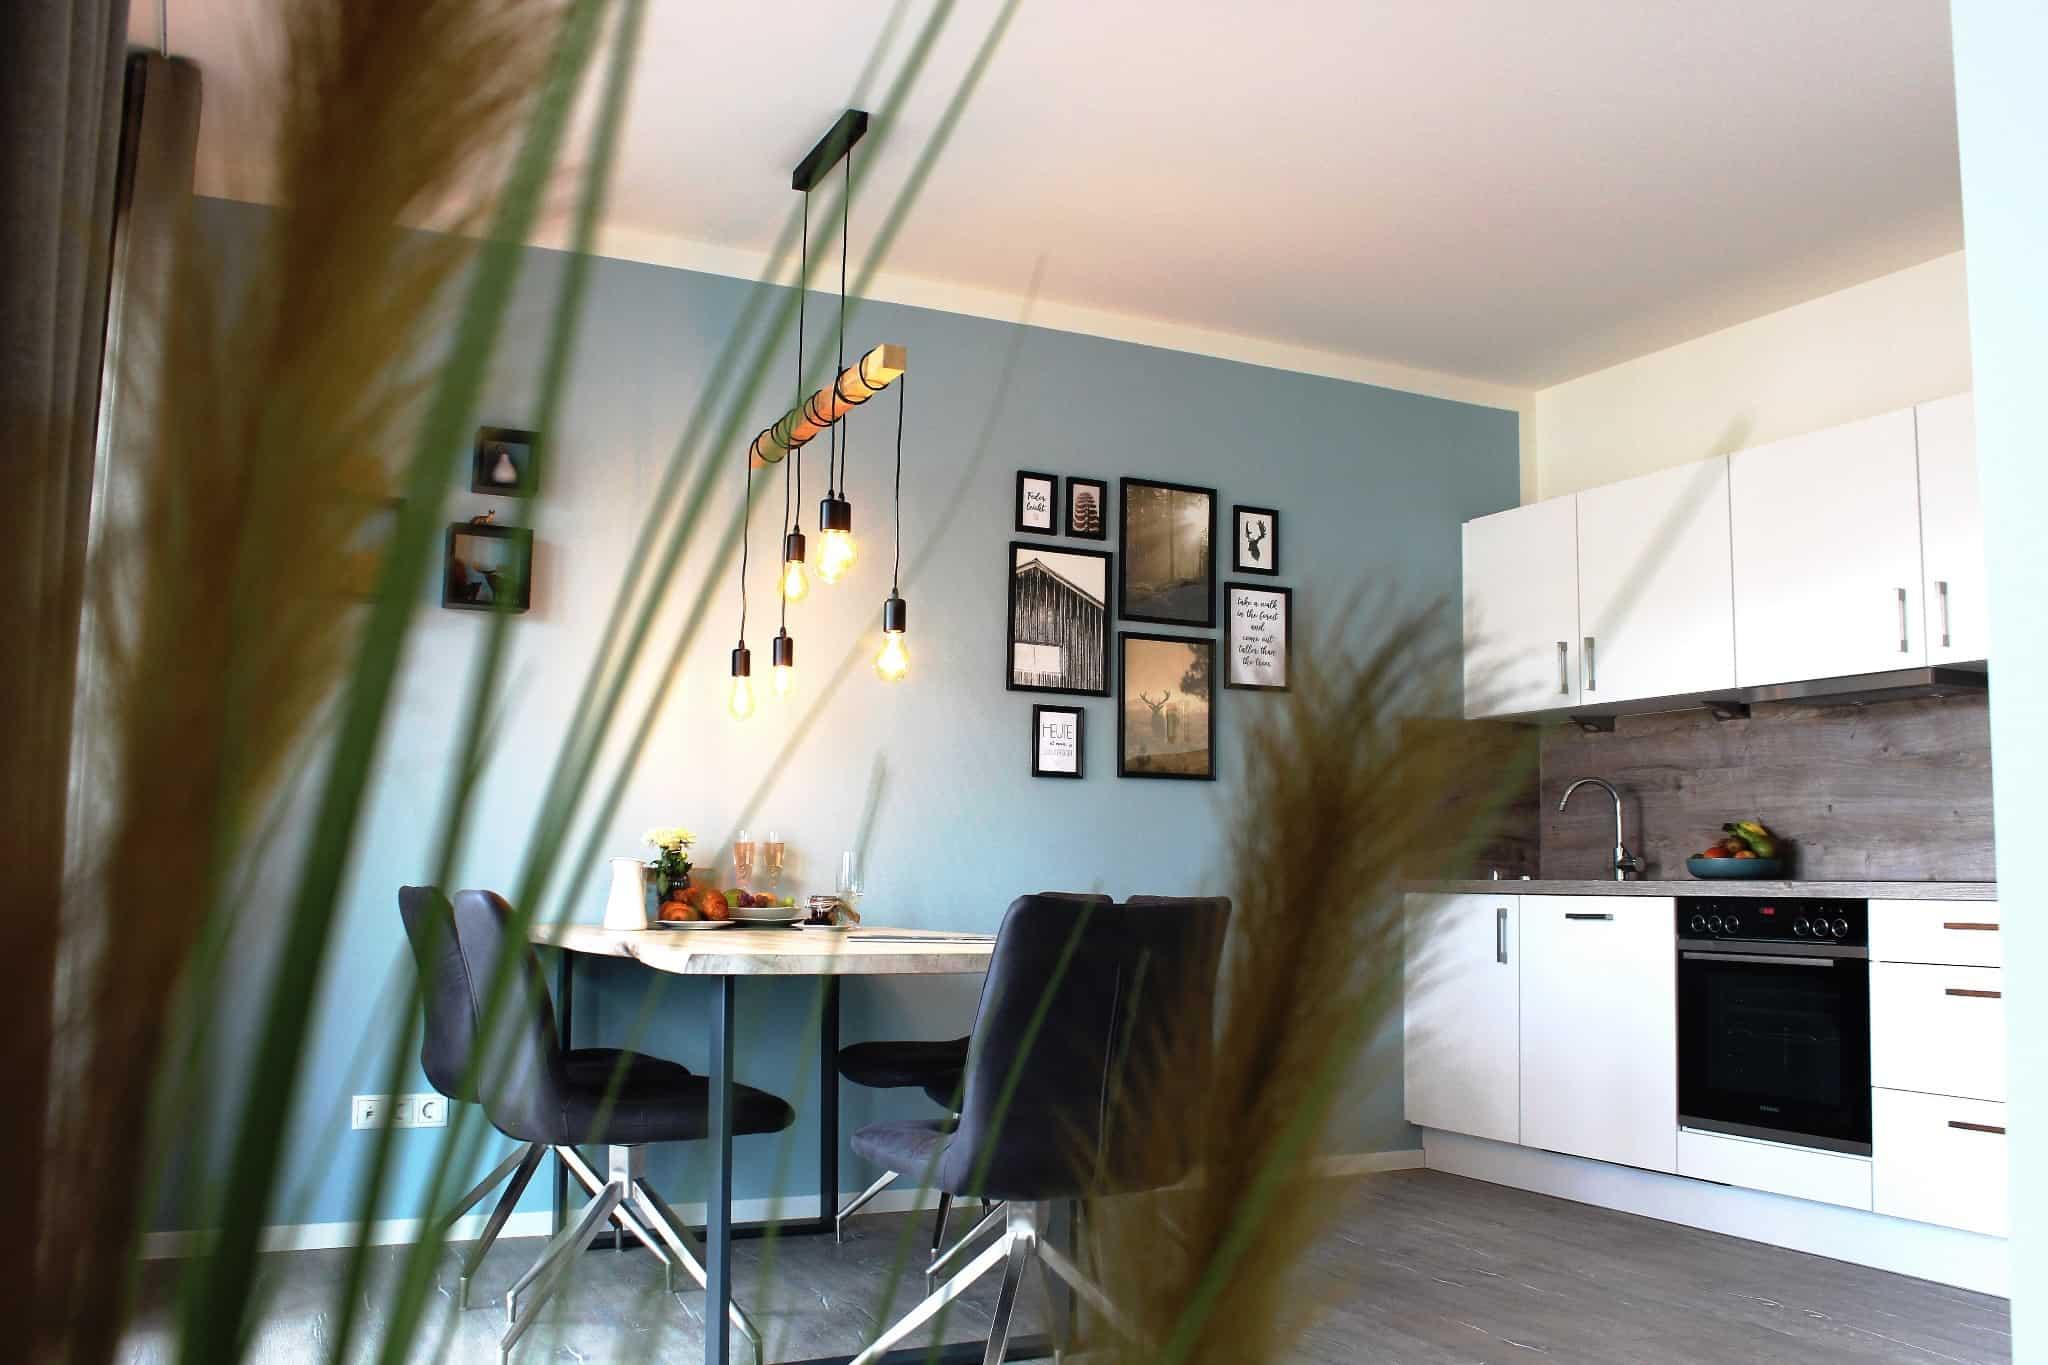 Ferienhaus Marta am Diemelsee Küche